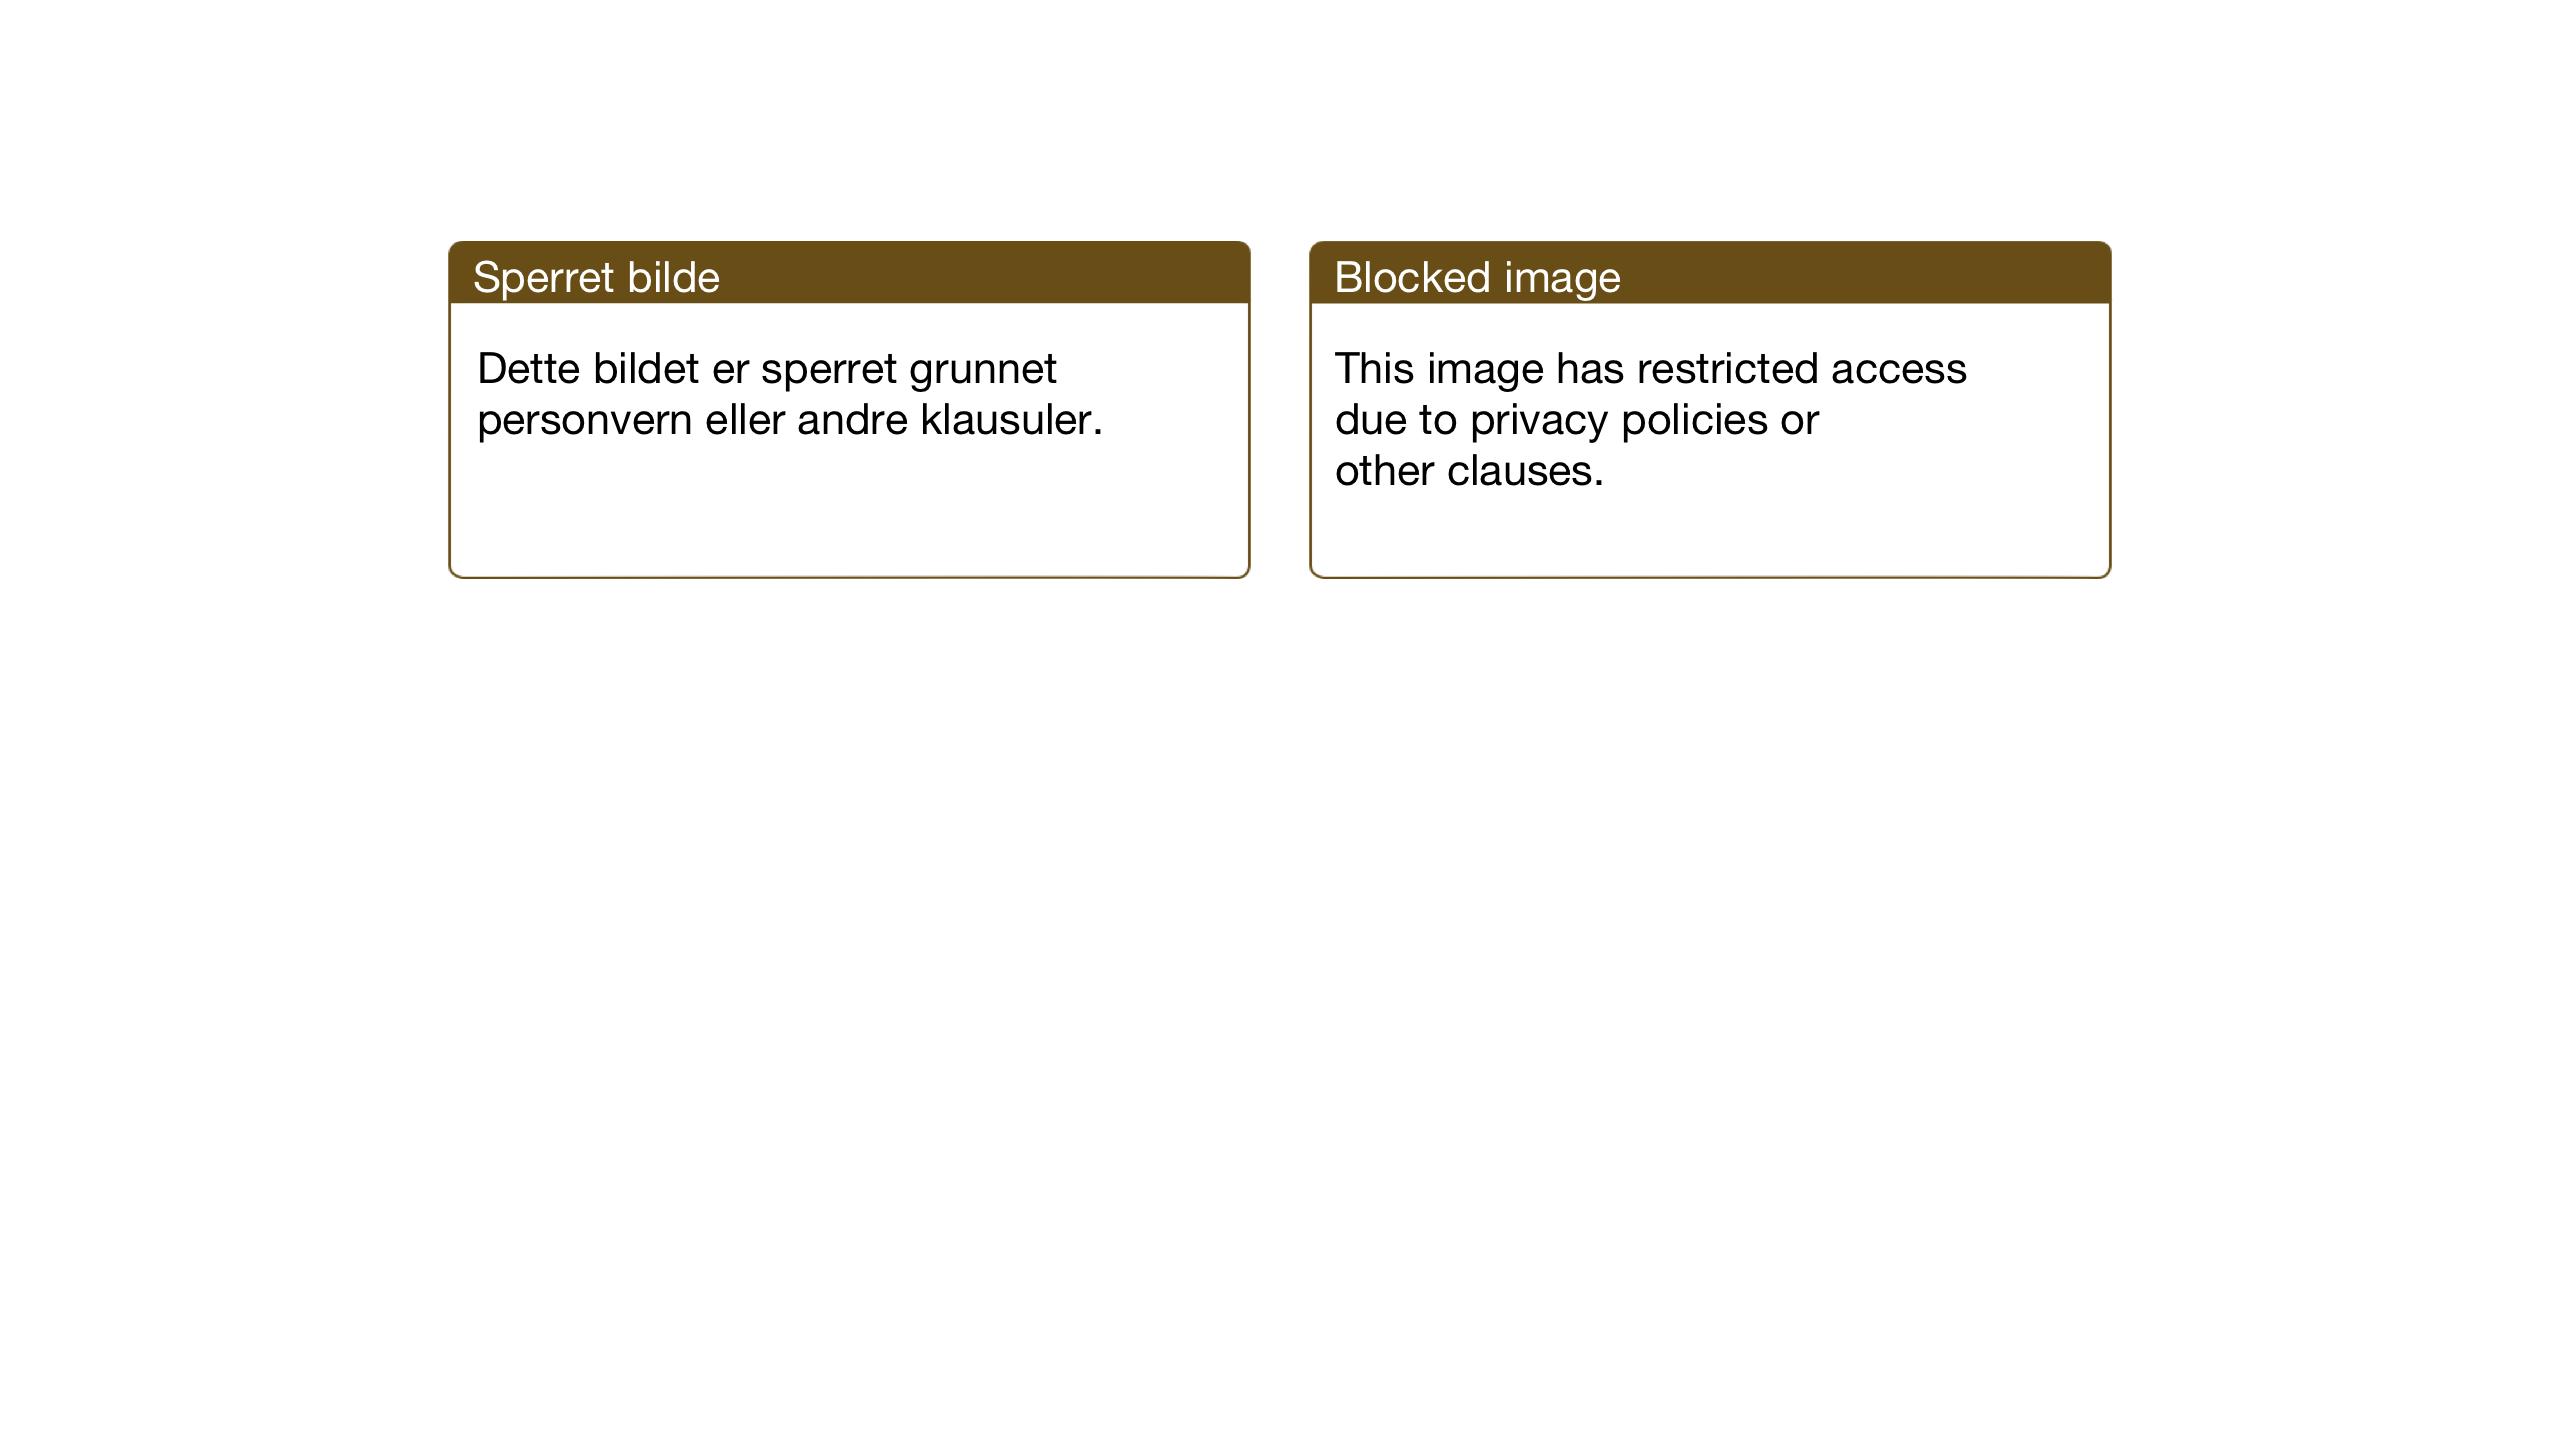 SAT, Ministerialprotokoller, klokkerbøker og fødselsregistre - Nord-Trøndelag, 741/L0403: Ministerialbok nr. 741C04, 1925-1944, s. 59